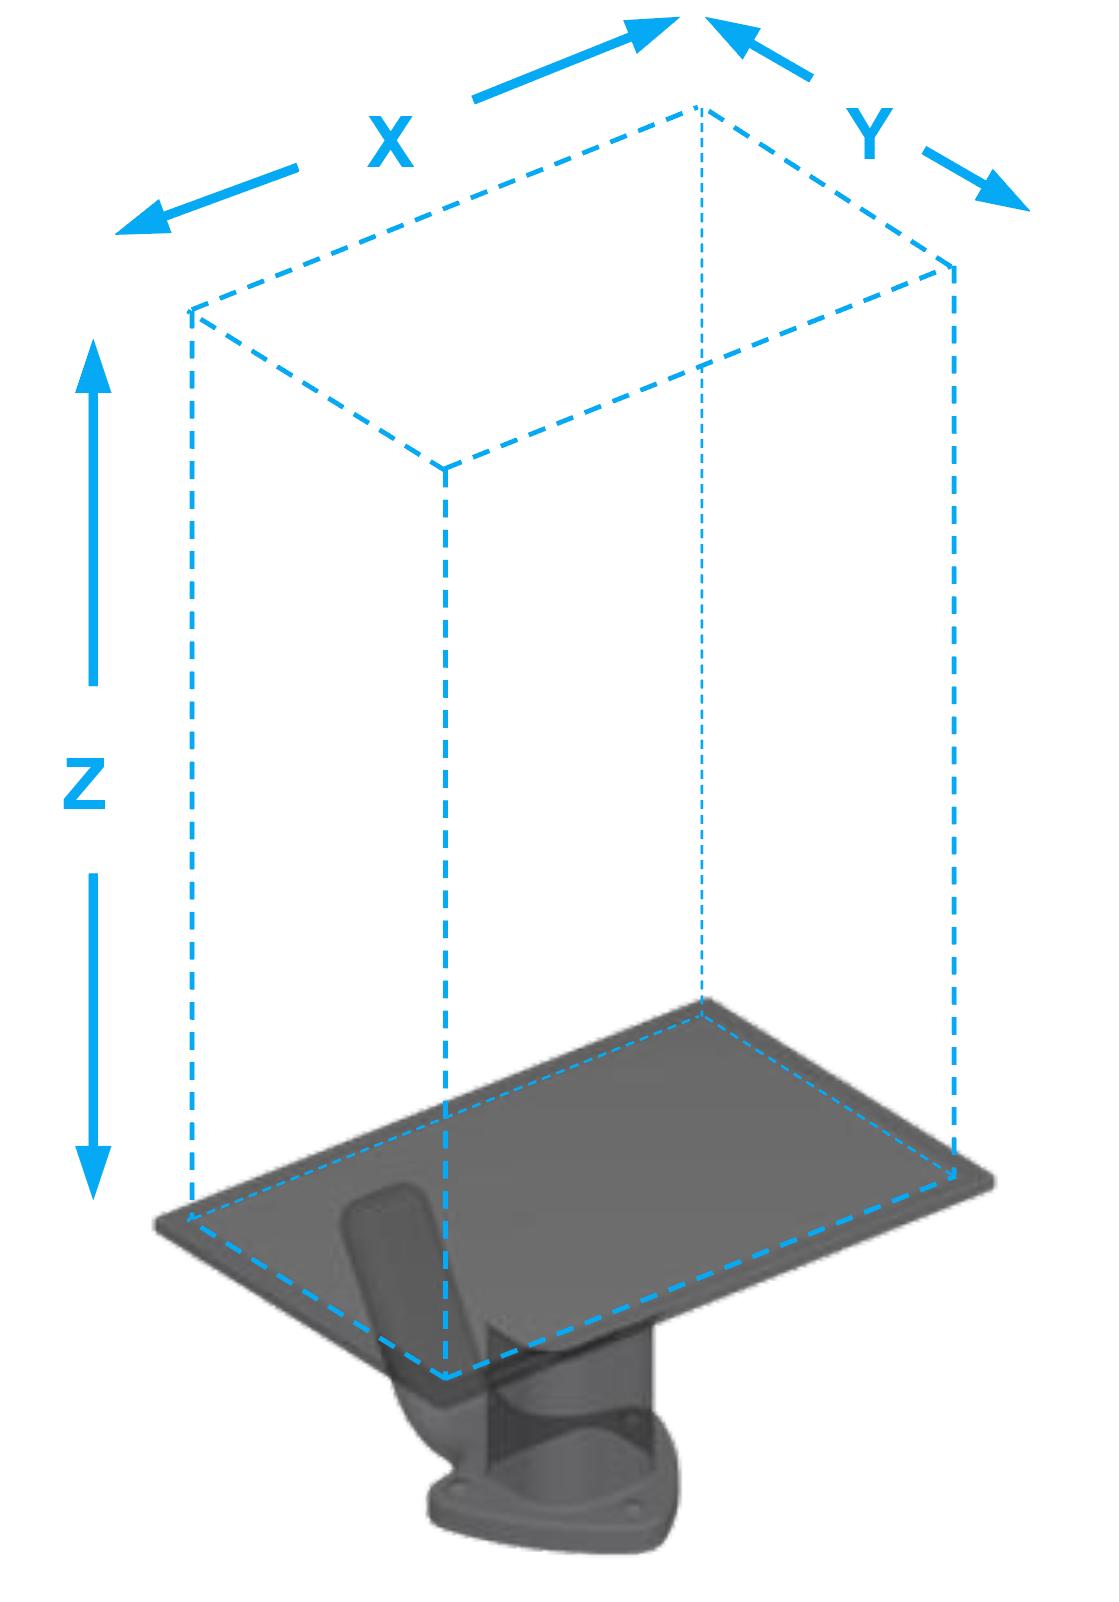 Carbon M1 M2 3D printer build volume dimensions